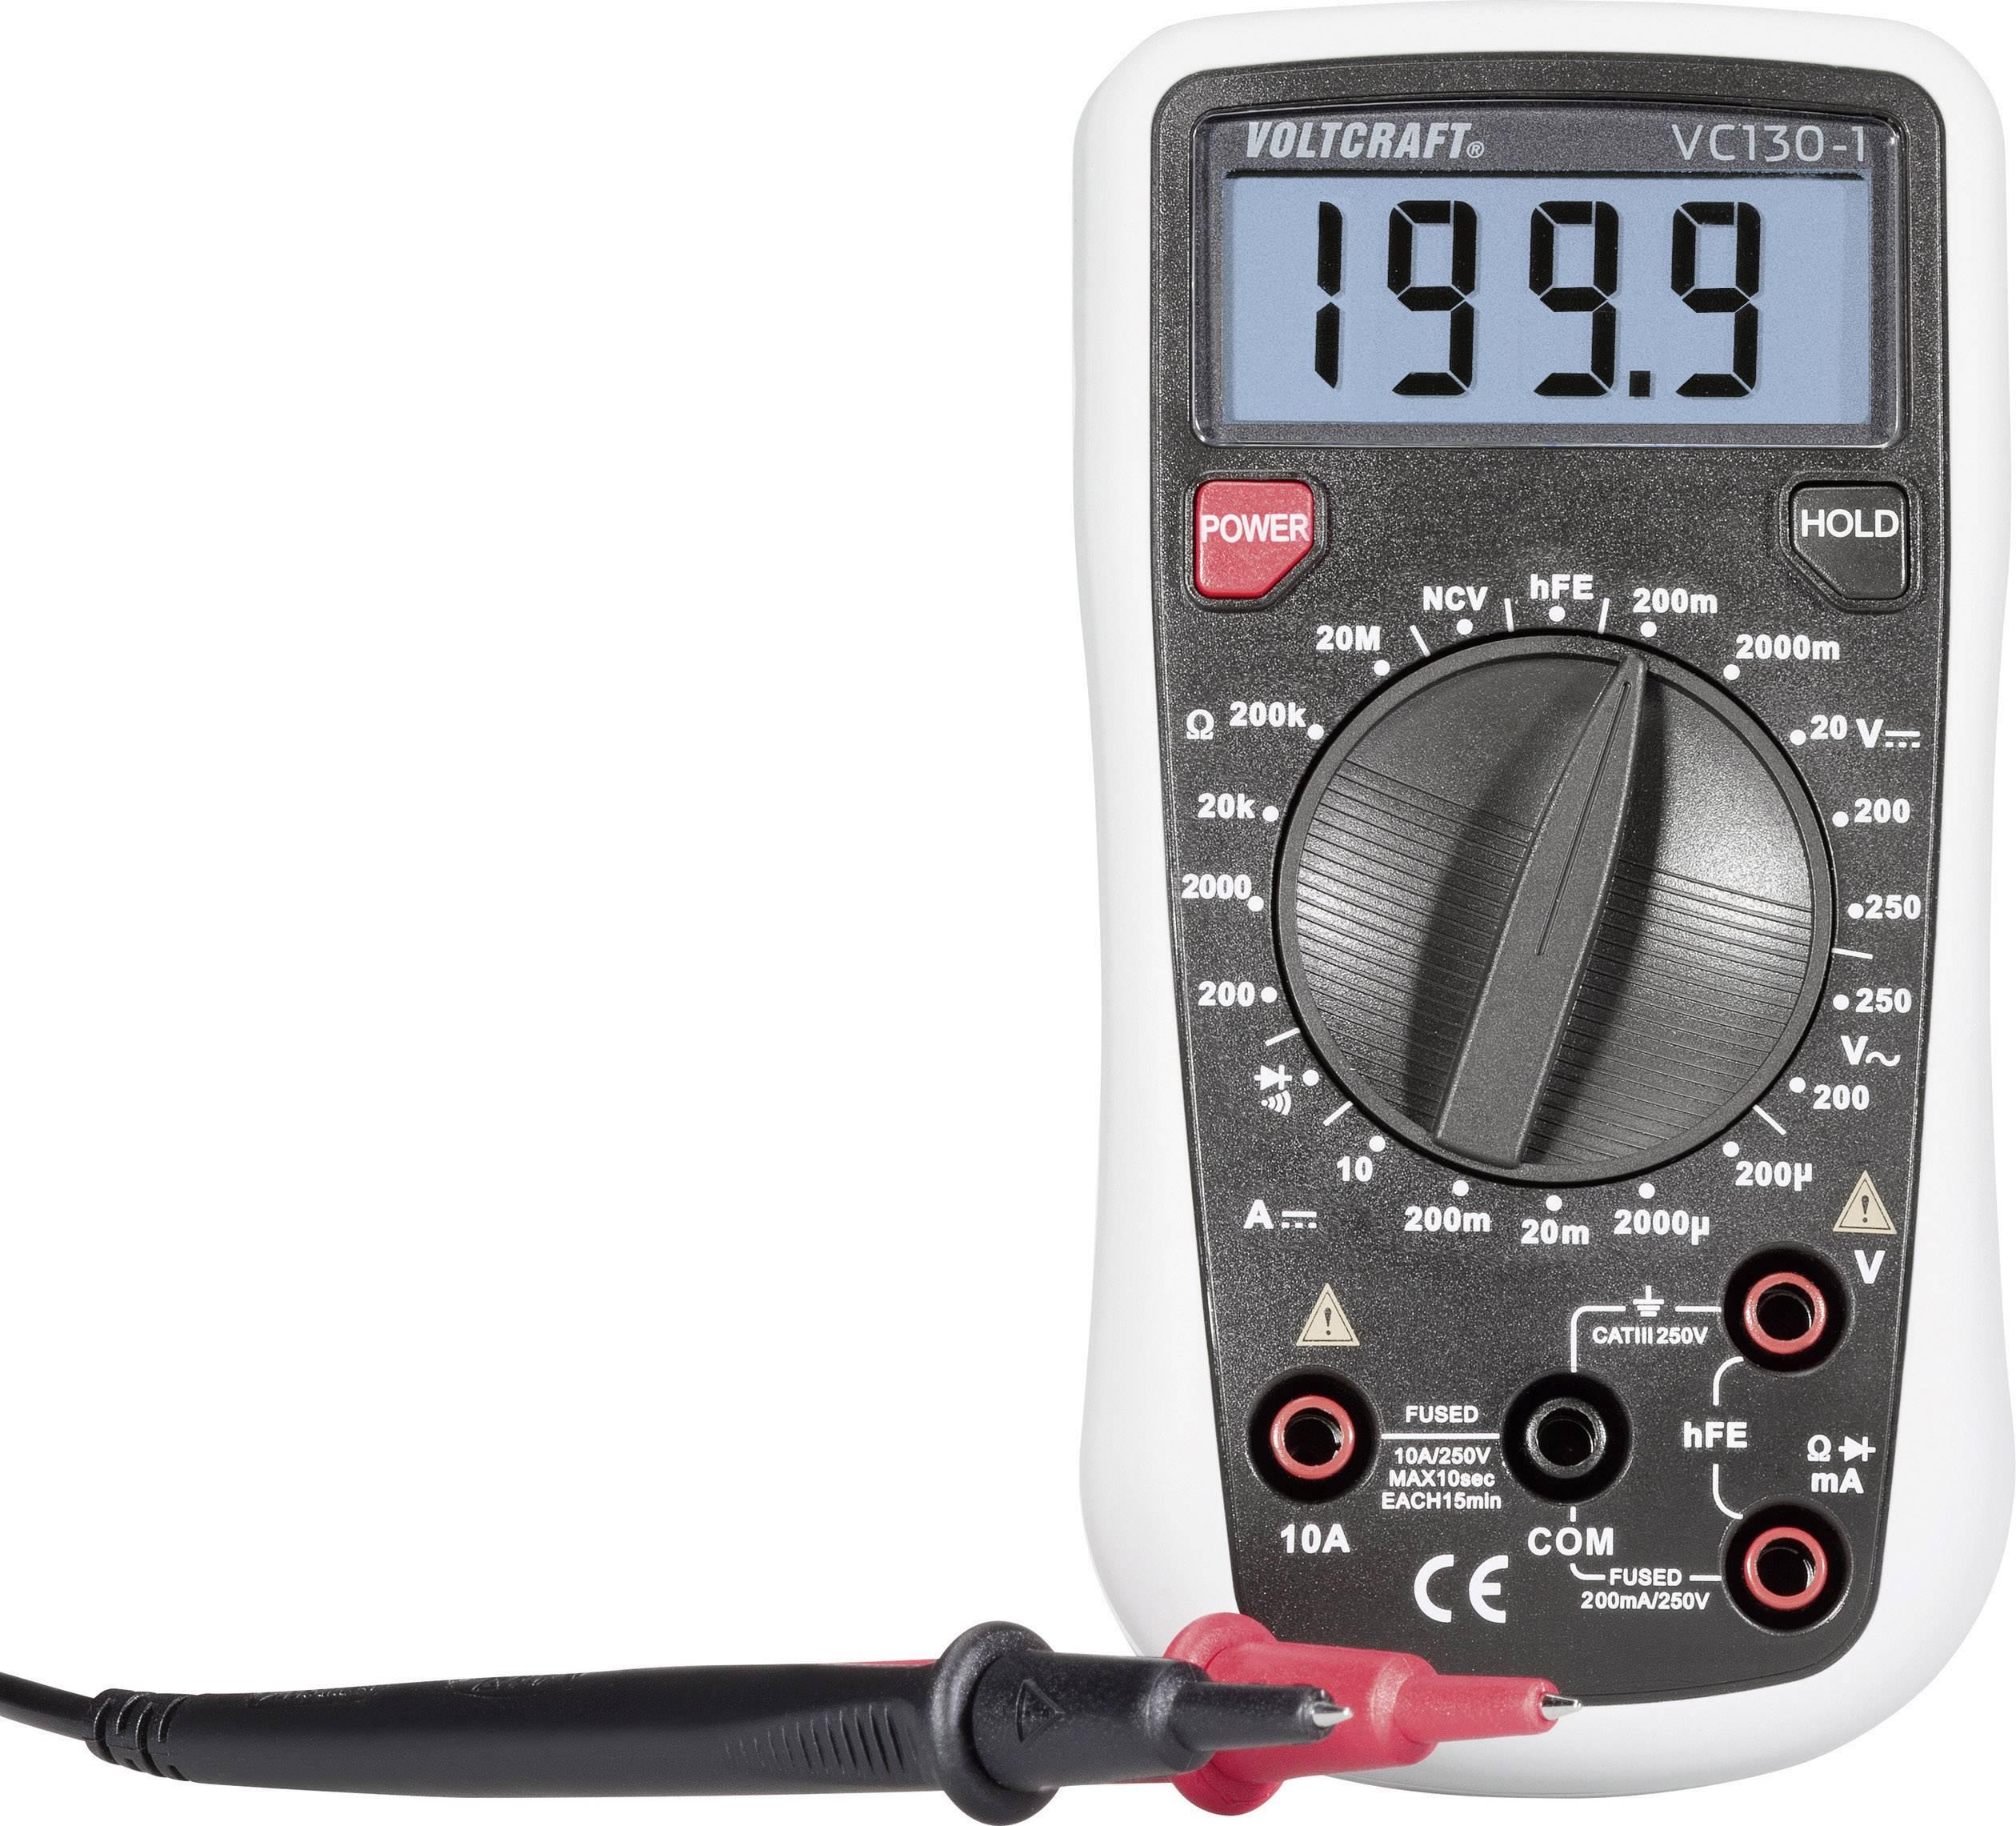 Digitálne/y ručný multimeter VOLTCRAFT VC130-1